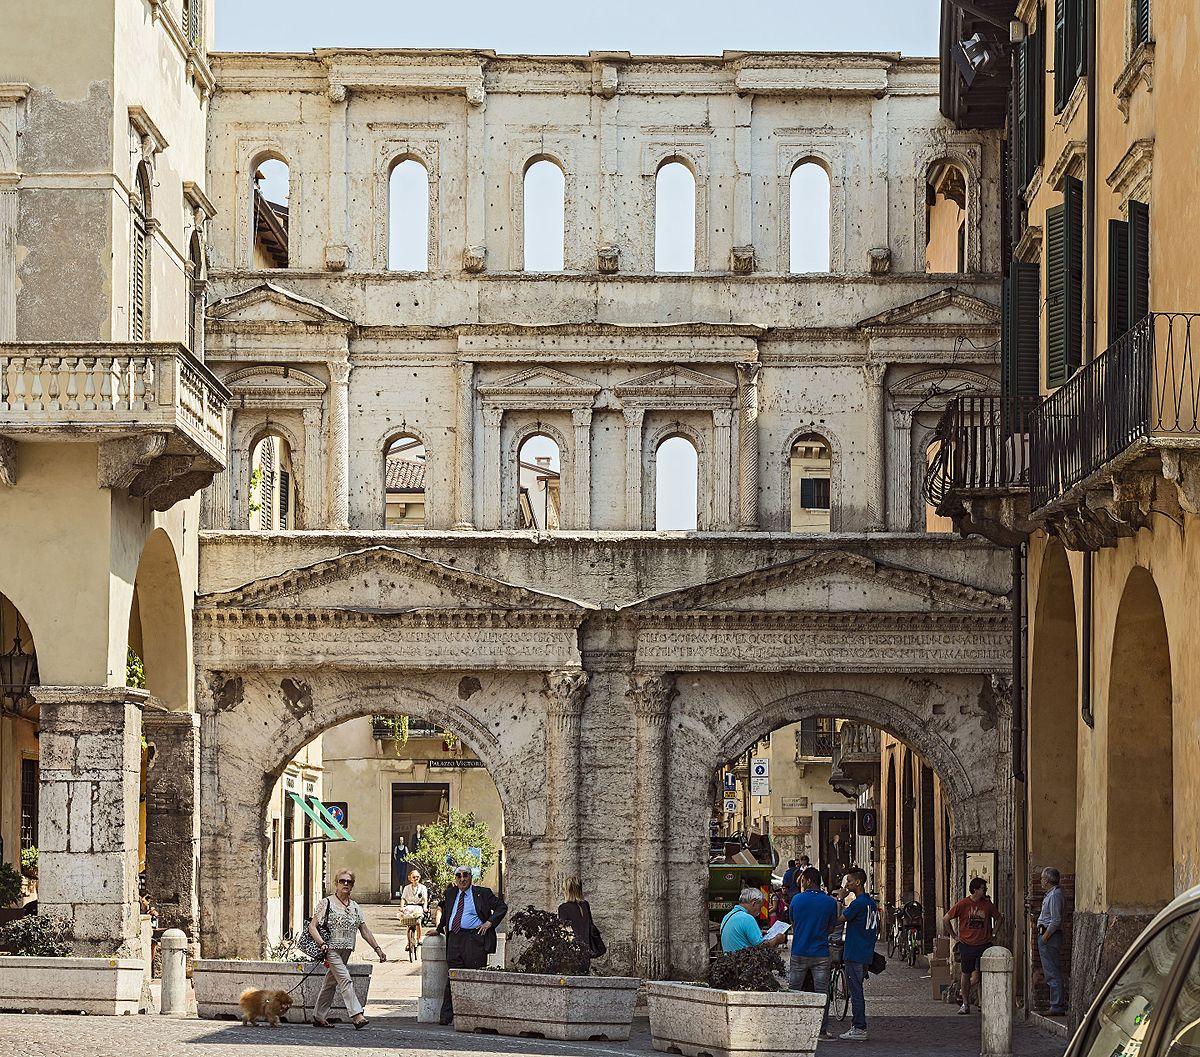 Вид ворот. Если будете в Вероне один день посетите эту достопримечательность